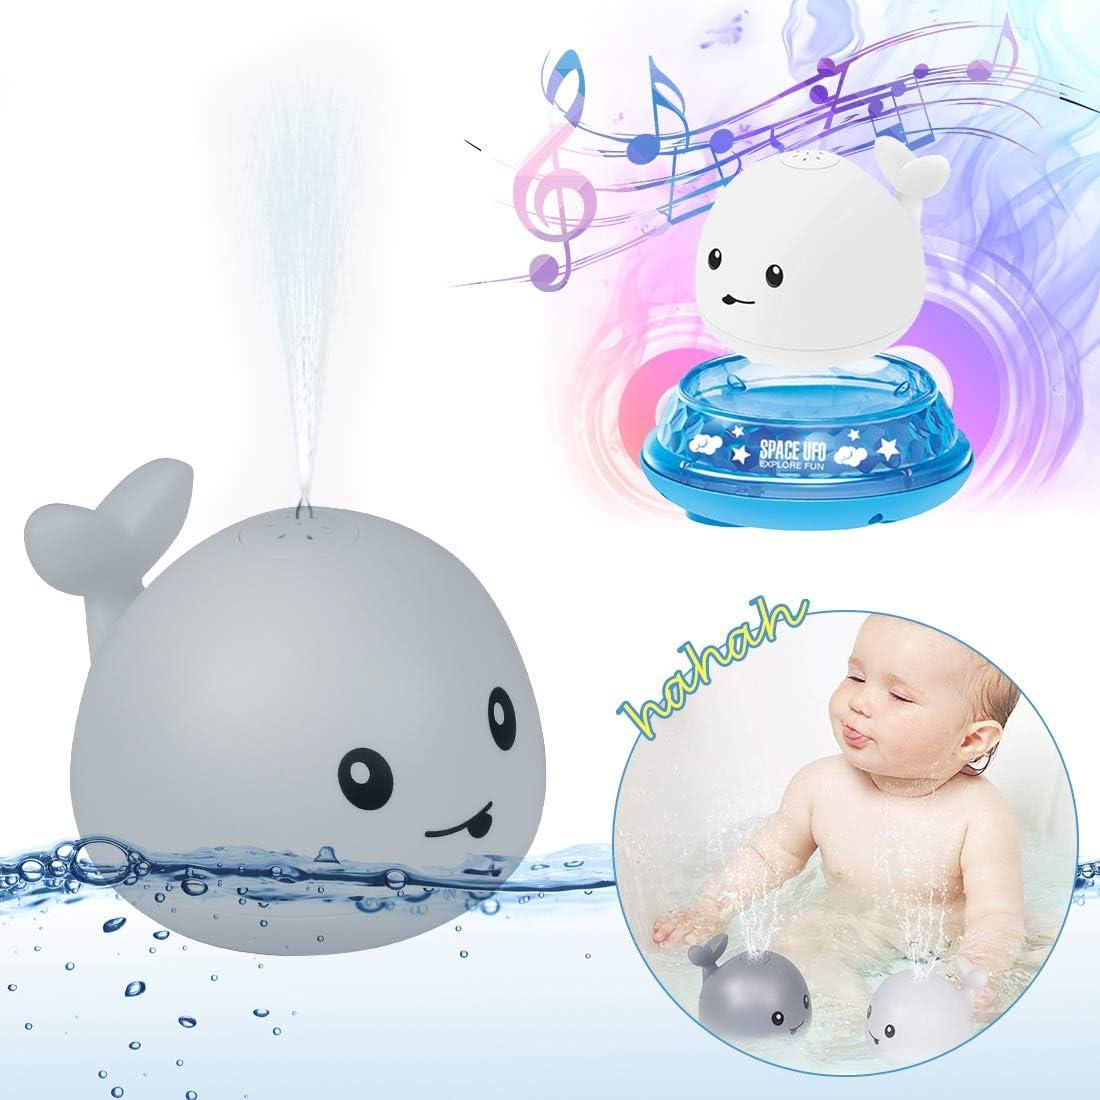 Whale Spray Induction Schwimmende Baden Spielzeug Grau Badewannen Spielzeug Baby Pool Spielzeug O-Kinee Baby Badespielzeug Wasserspielzeug Baby Kinder Kleinkinder Party Geschenk